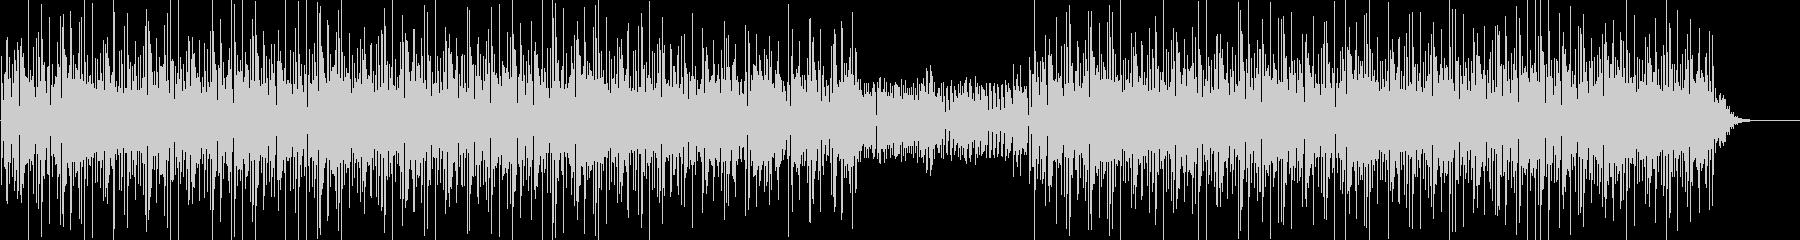 ファンキーなベースが印象的な曲の未再生の波形